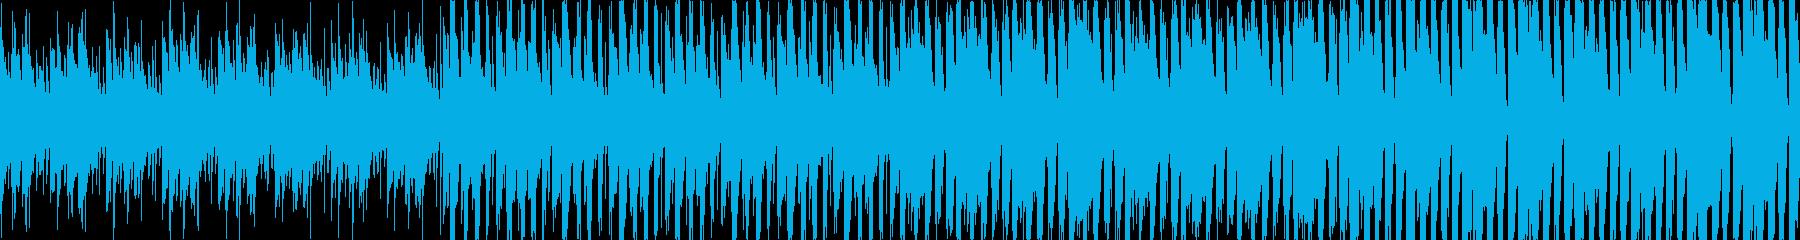 タイトル画面 待機画面用に作りました。…の再生済みの波形